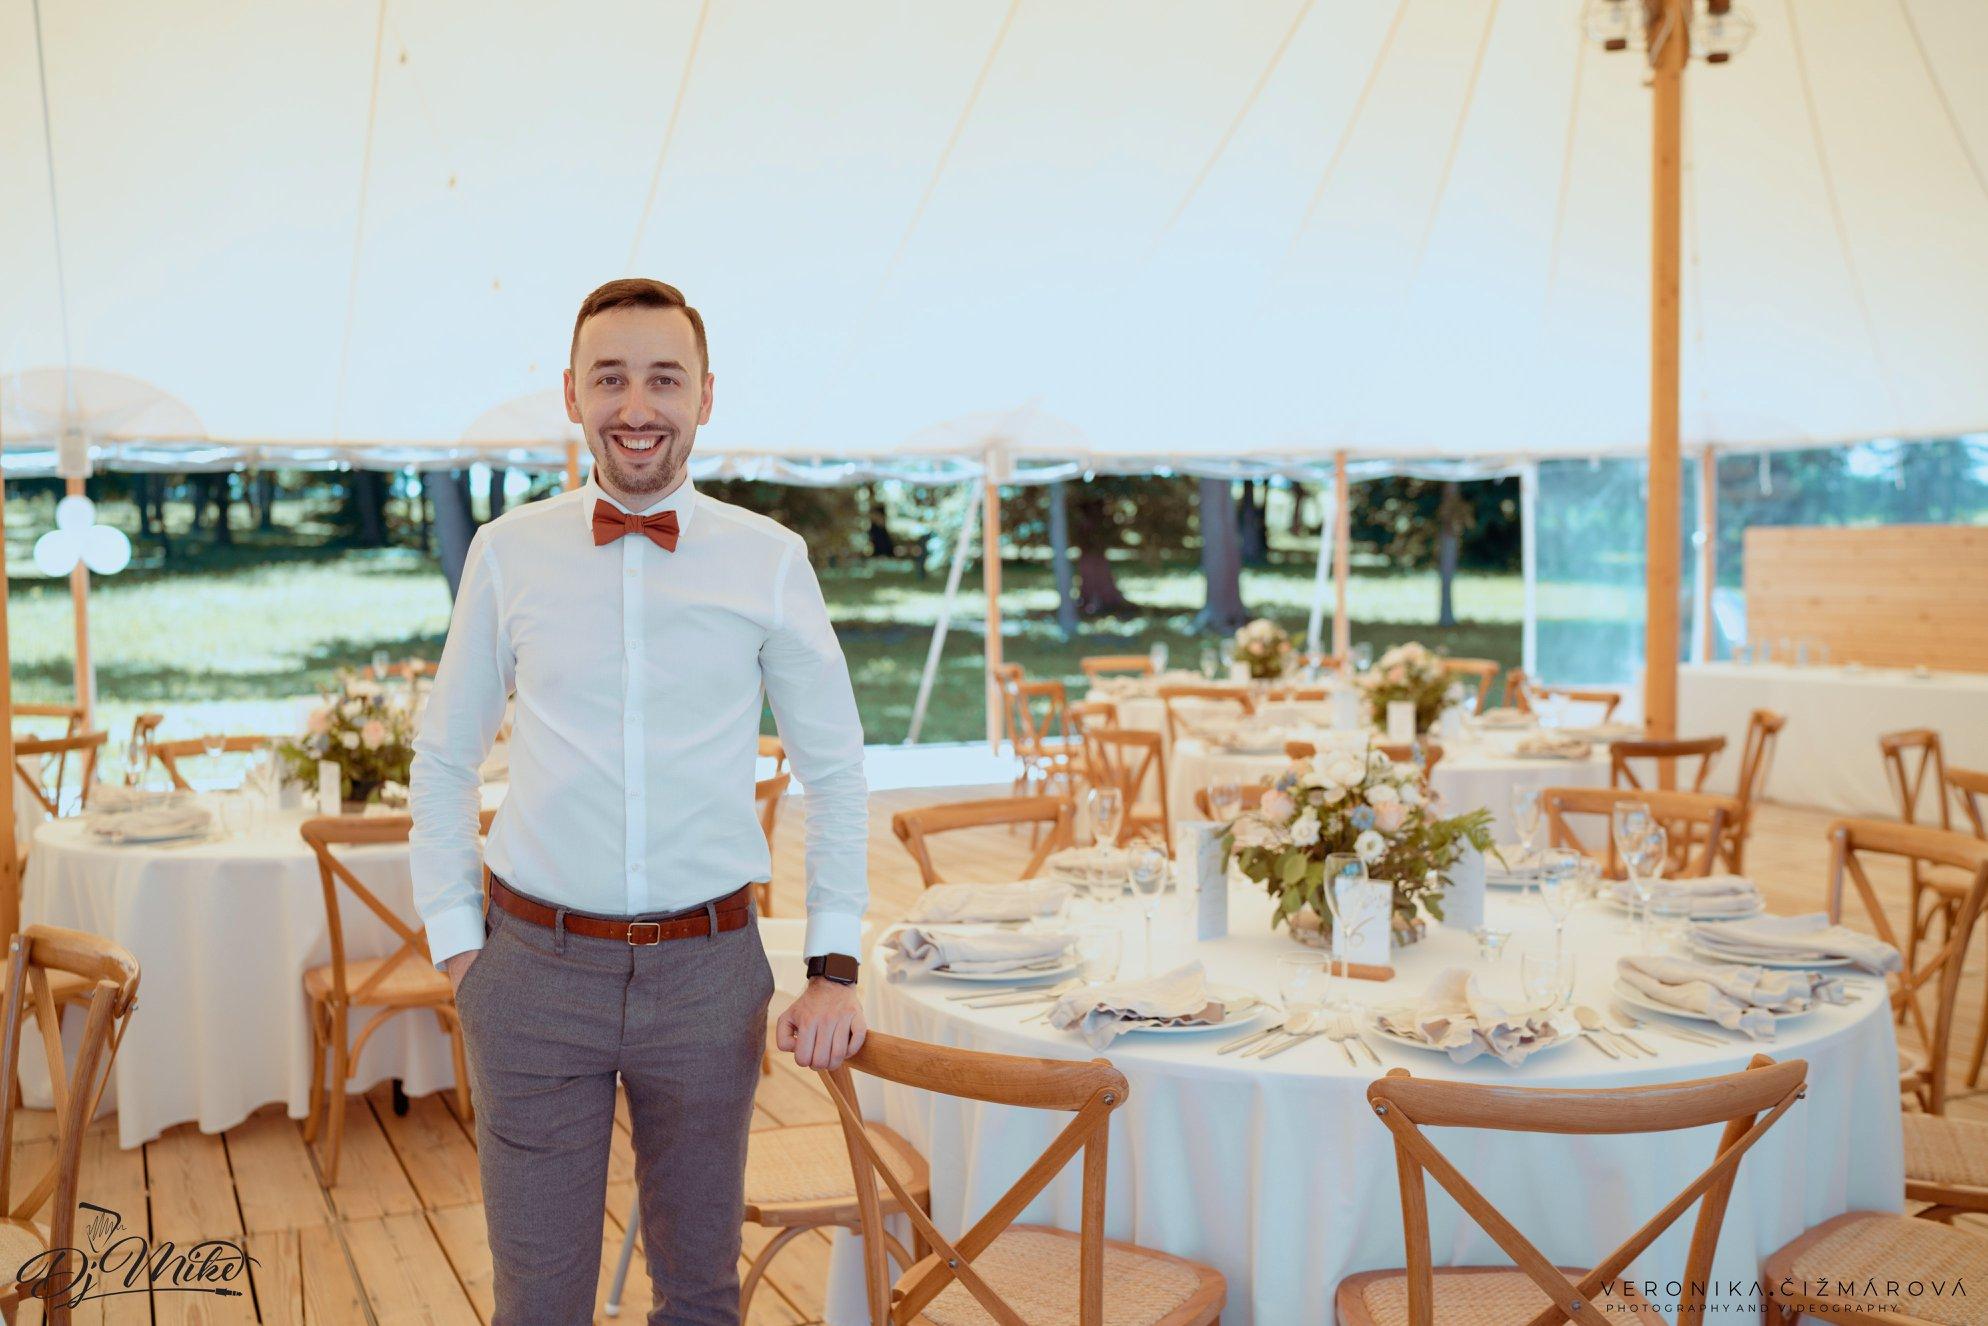 boho-svadba-svadba-v-prirode-djjpg